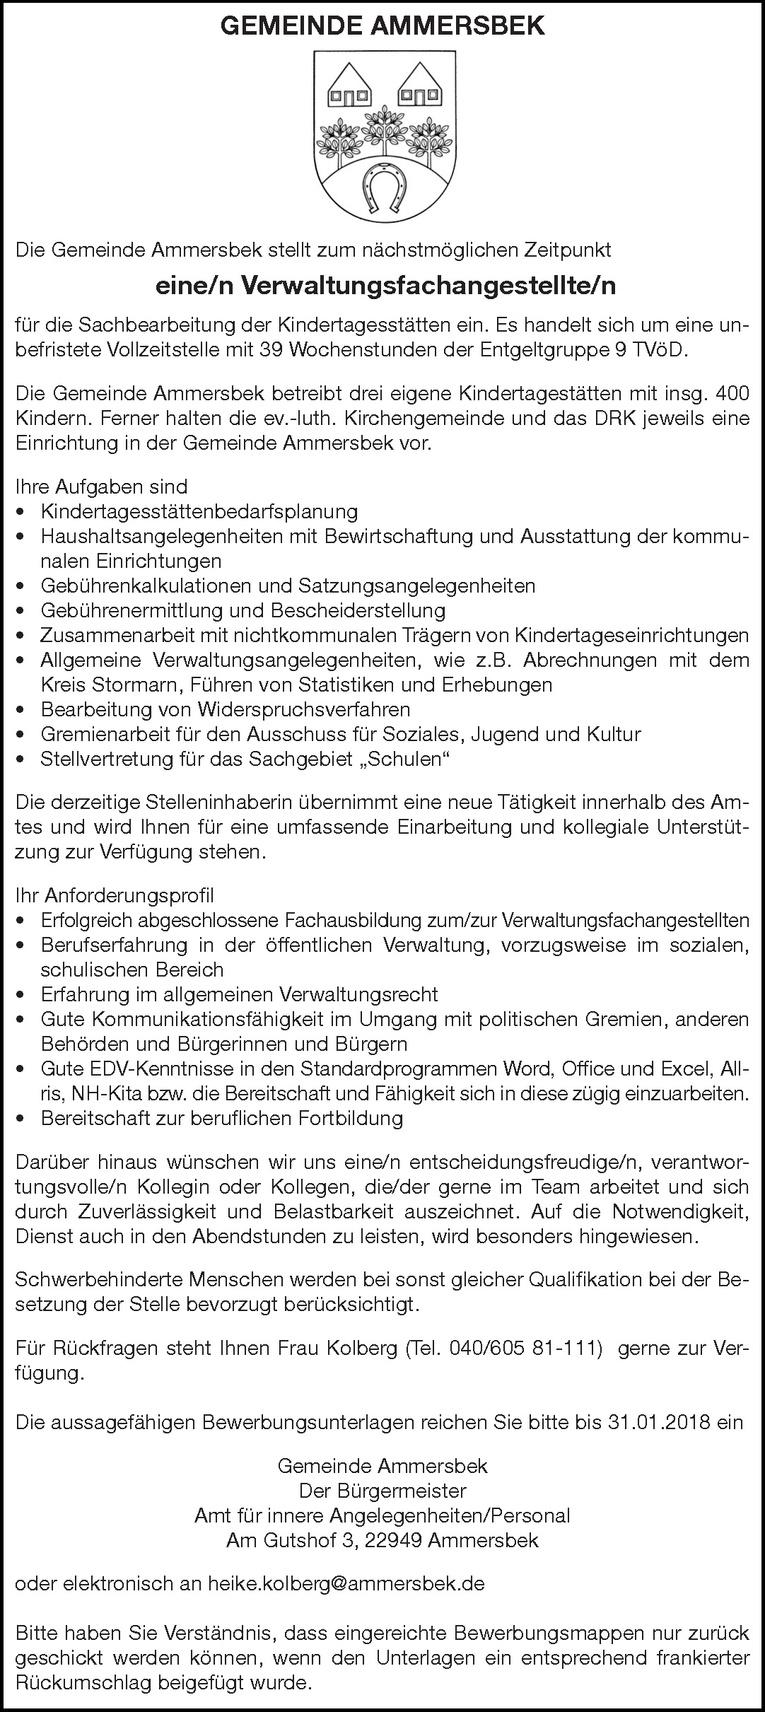 Verwaltungsfachangestellte/n